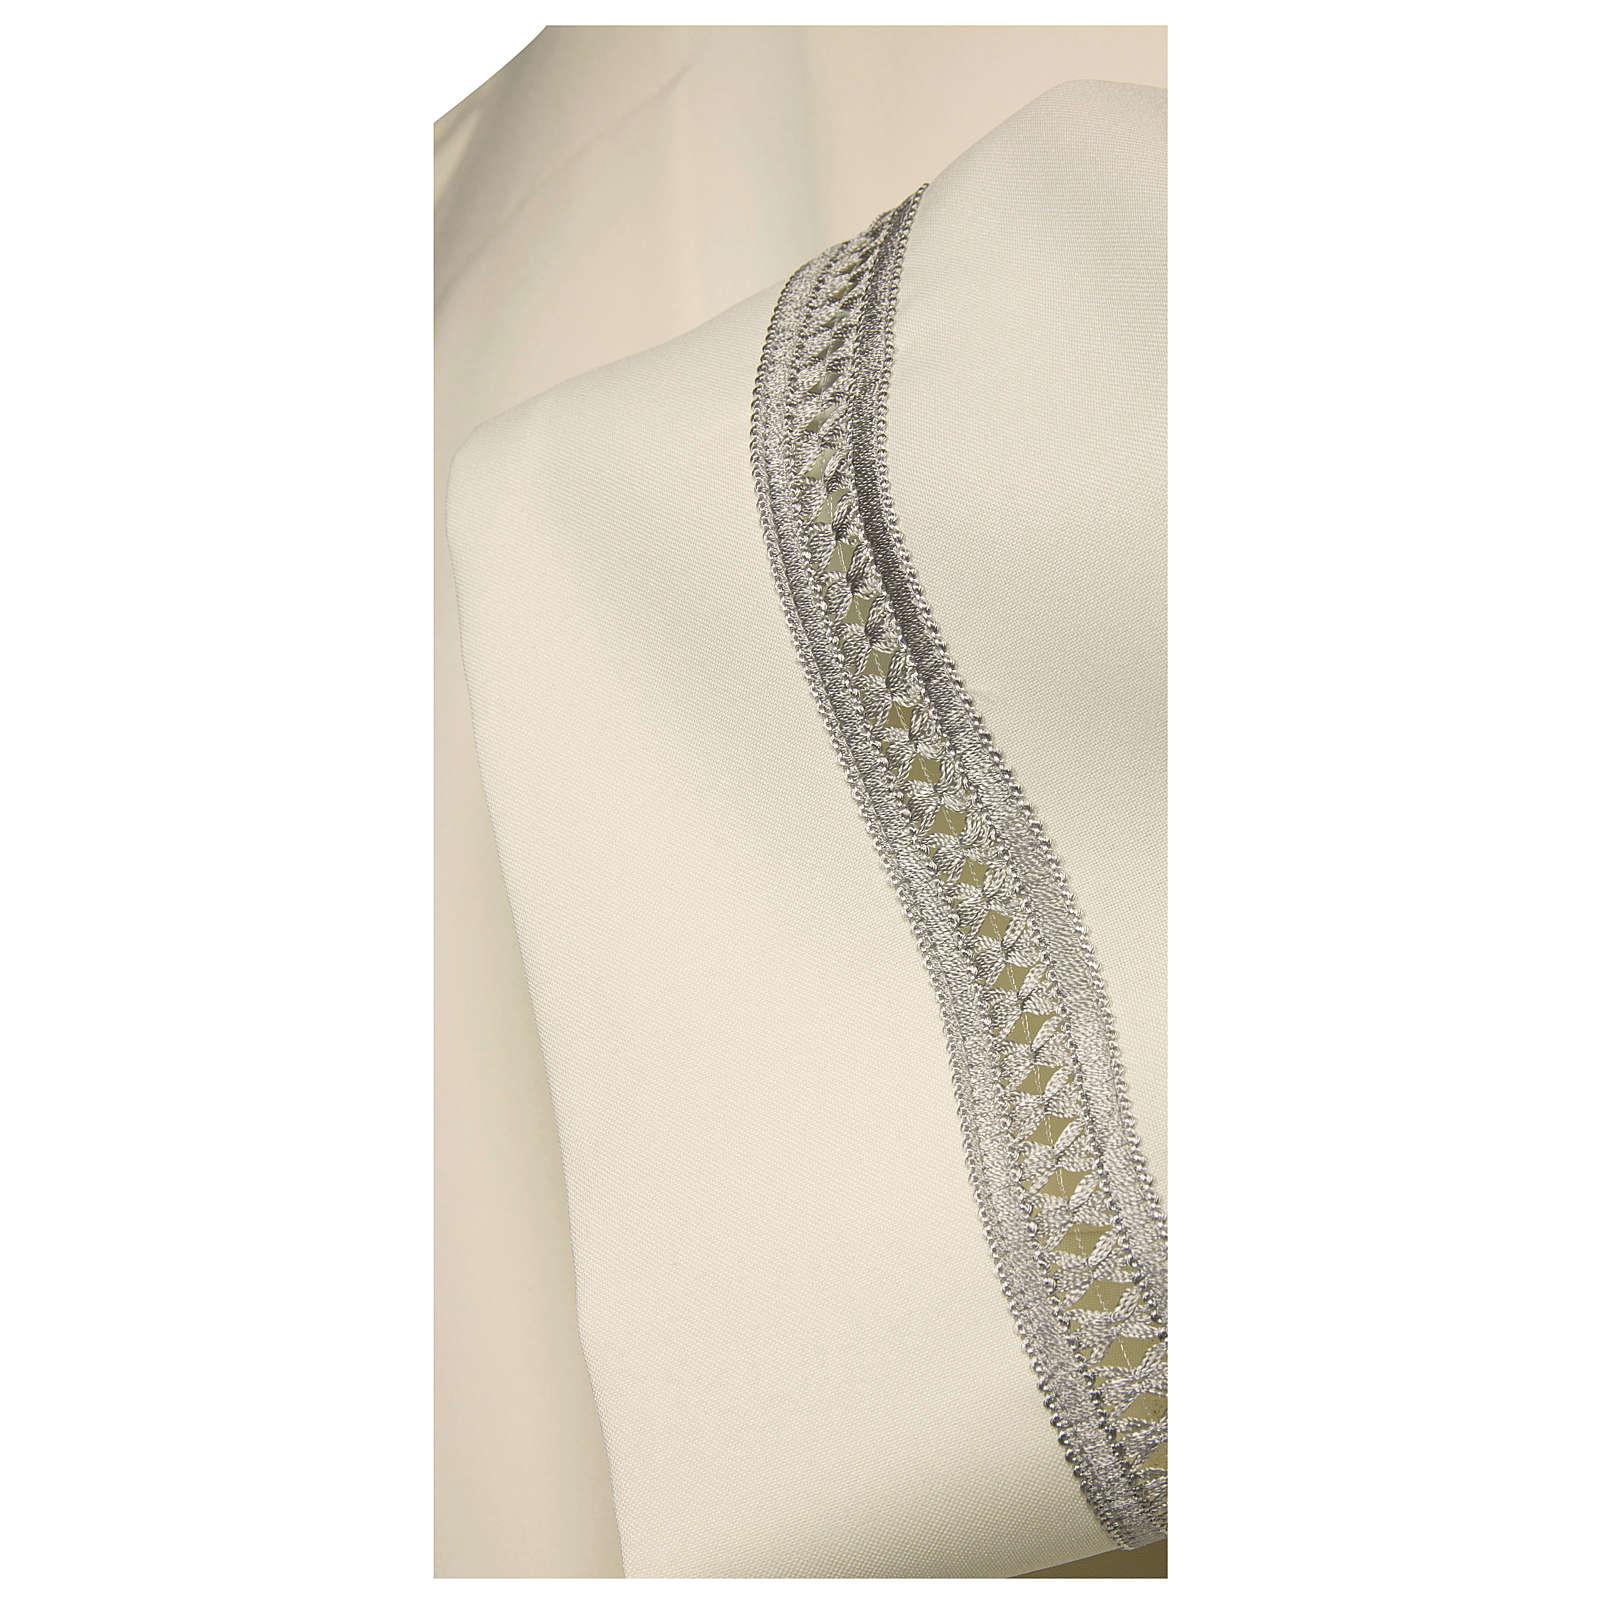 Camice avorio 100% poliestere gigliuccio argento macchina cerniera davanti 4